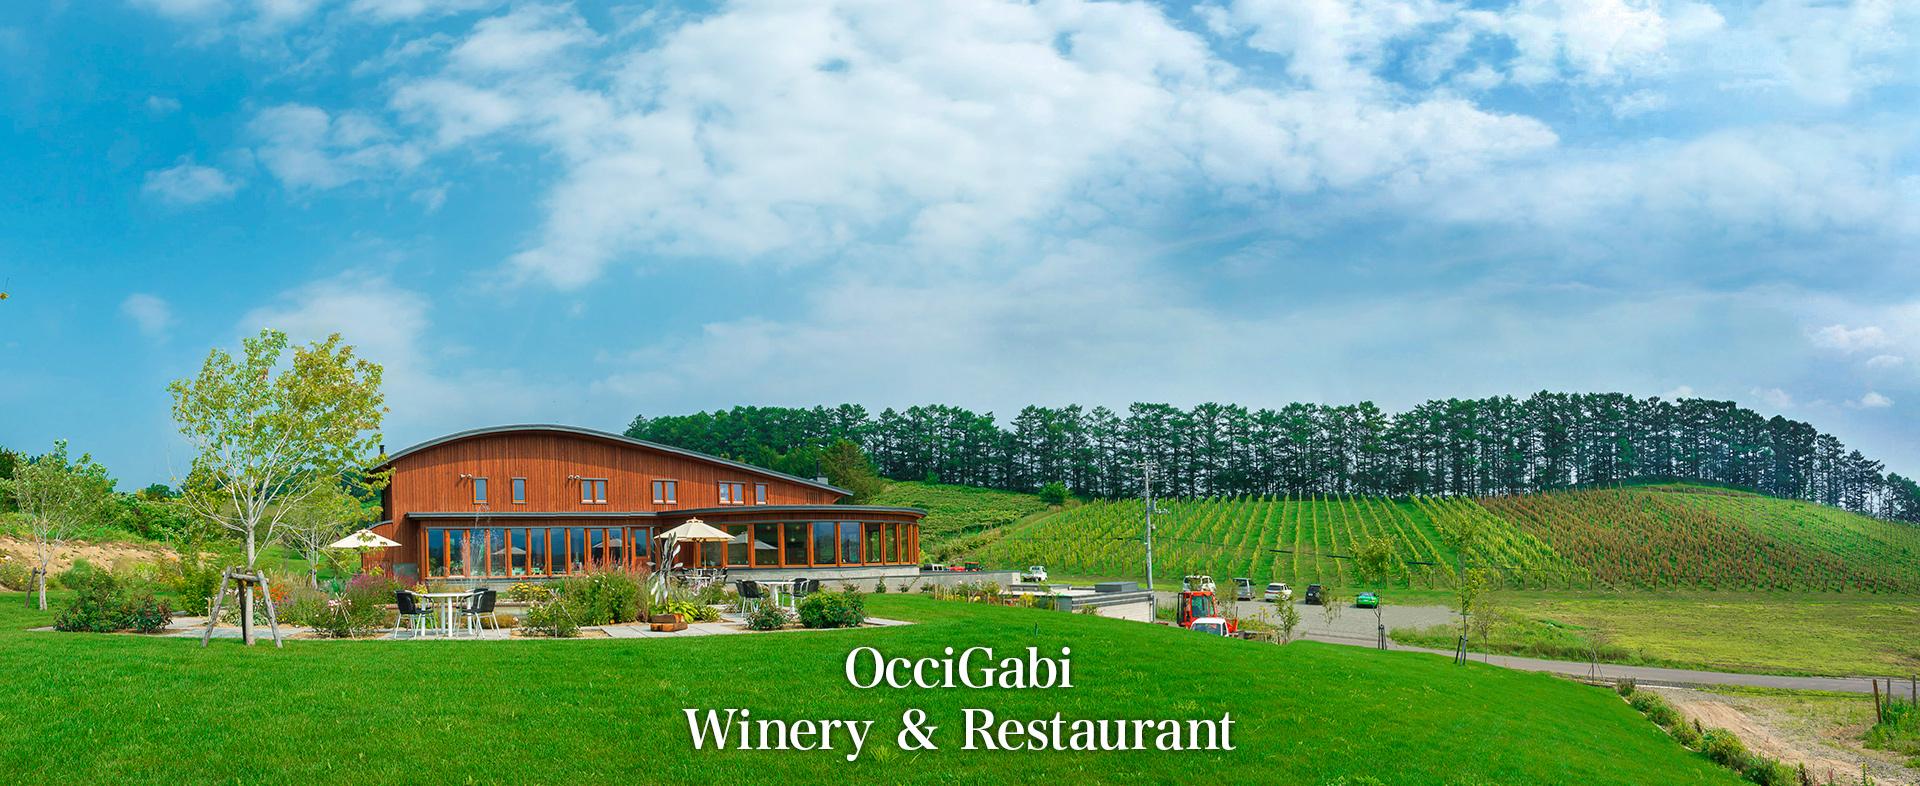 ぶどう畑の中のワイナリー・レストラン OcciGabi